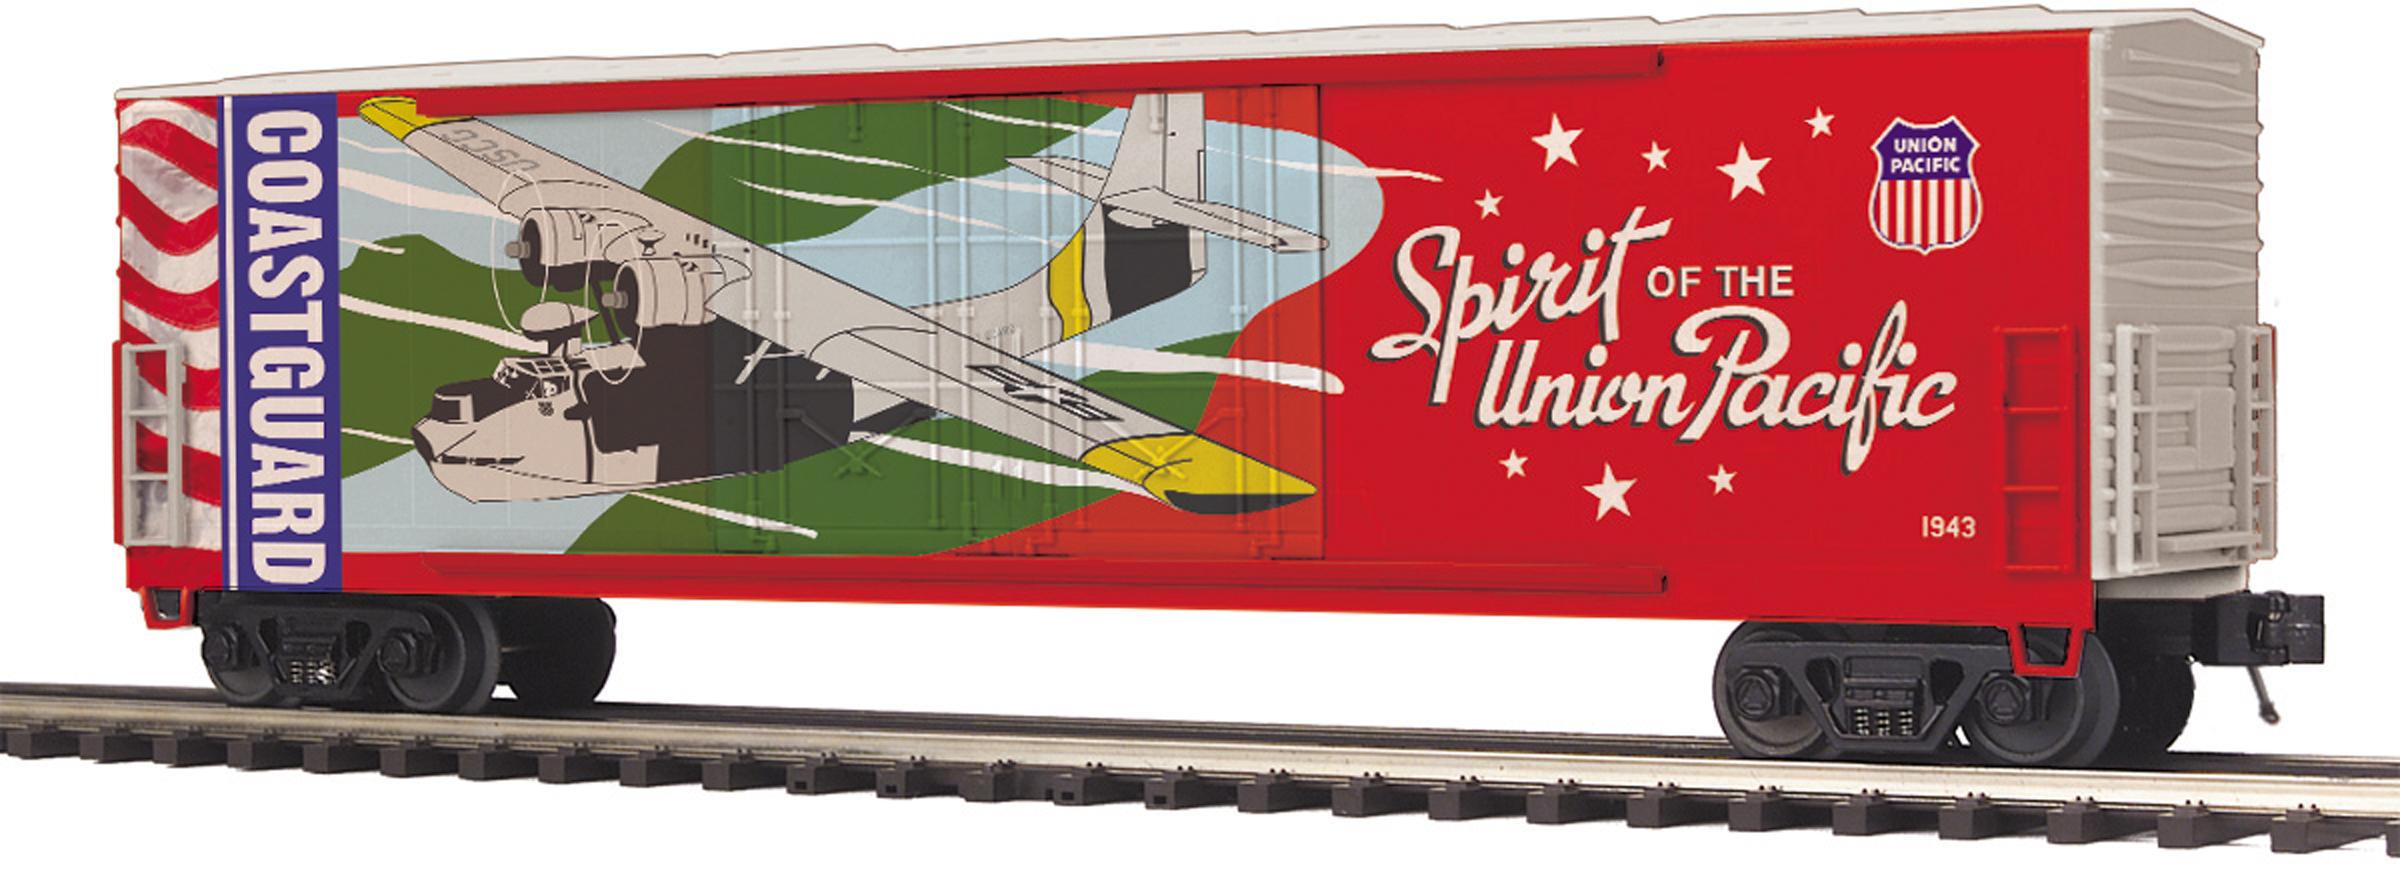 MTH 20-93753 50' Double Plug Door Boxcar 3 Rail Premier Union Pacific